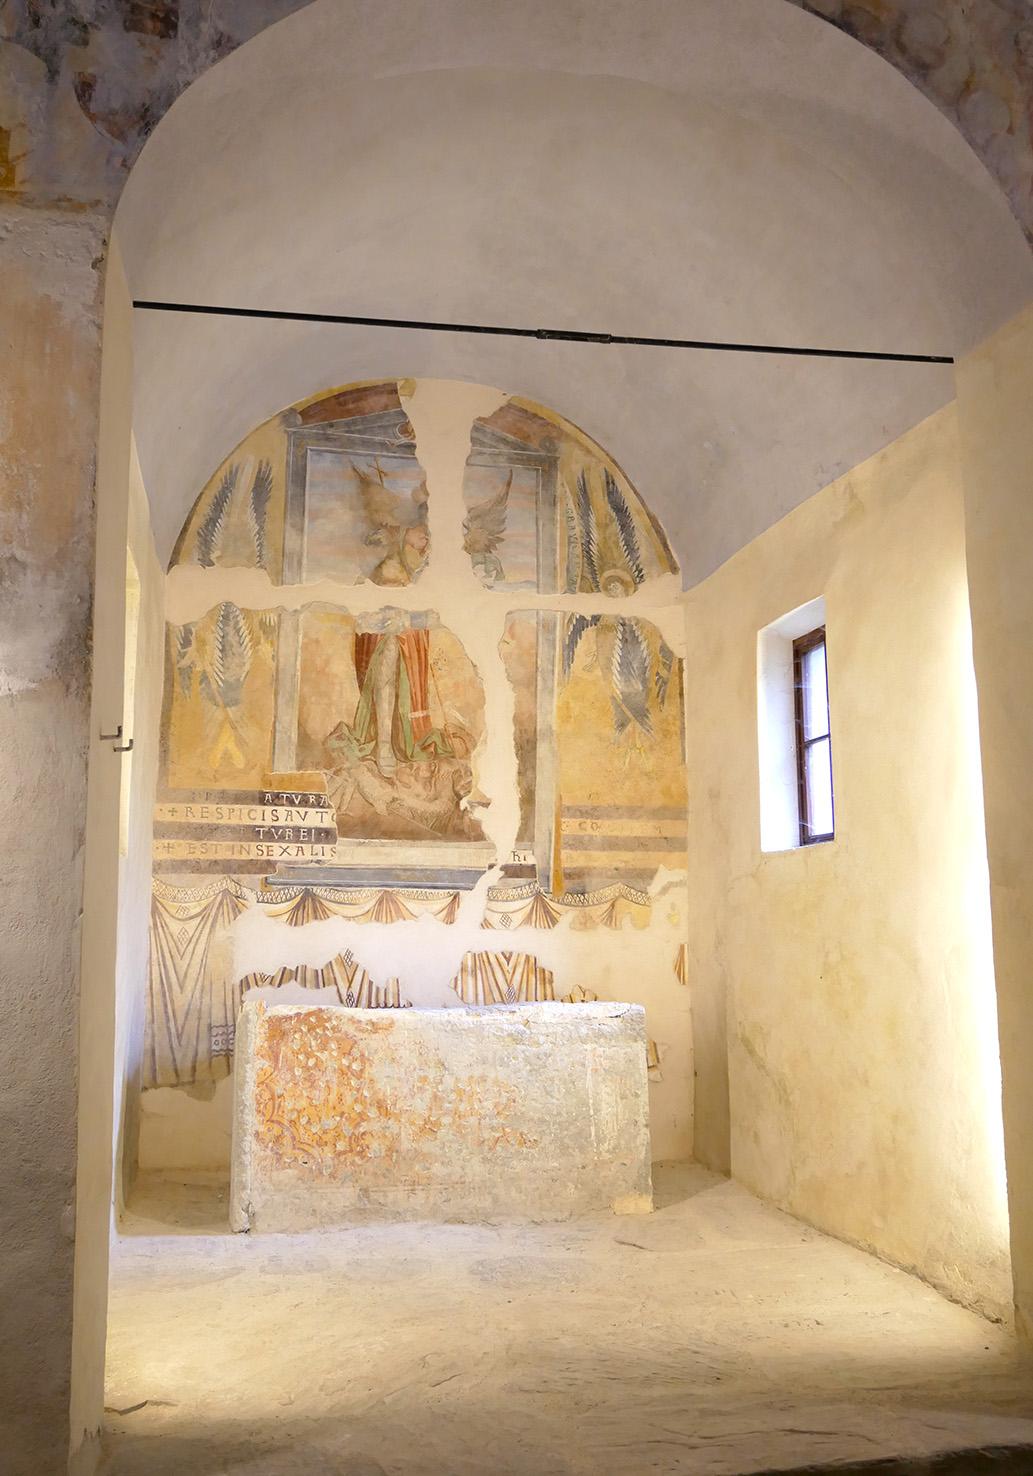 Interno della Cappella di San Michele dell'Abbazia Benedettina della Novalesa (To), dopo il restauro, foto © aut. / Abbazia della Novalesa